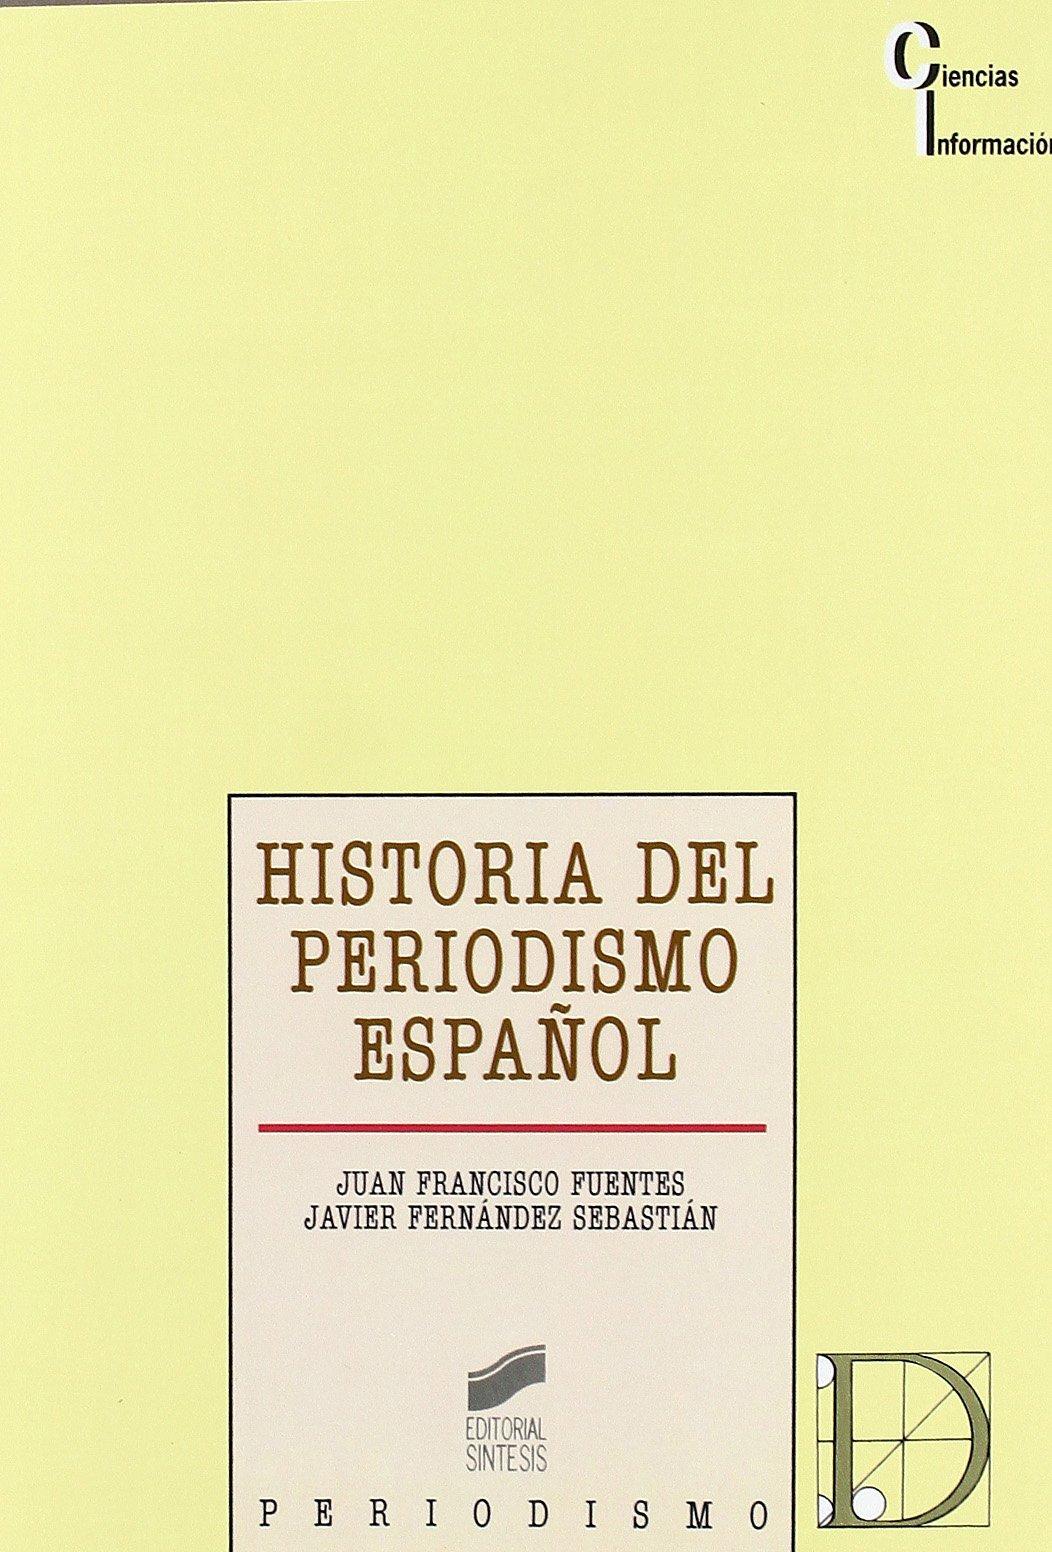 Historia del periodismo español: prensa, política y opinión pública en la España contemporánea: 16 Ciencias de la información: Amazon.es: Fuentes, Juan Francisco: Libros